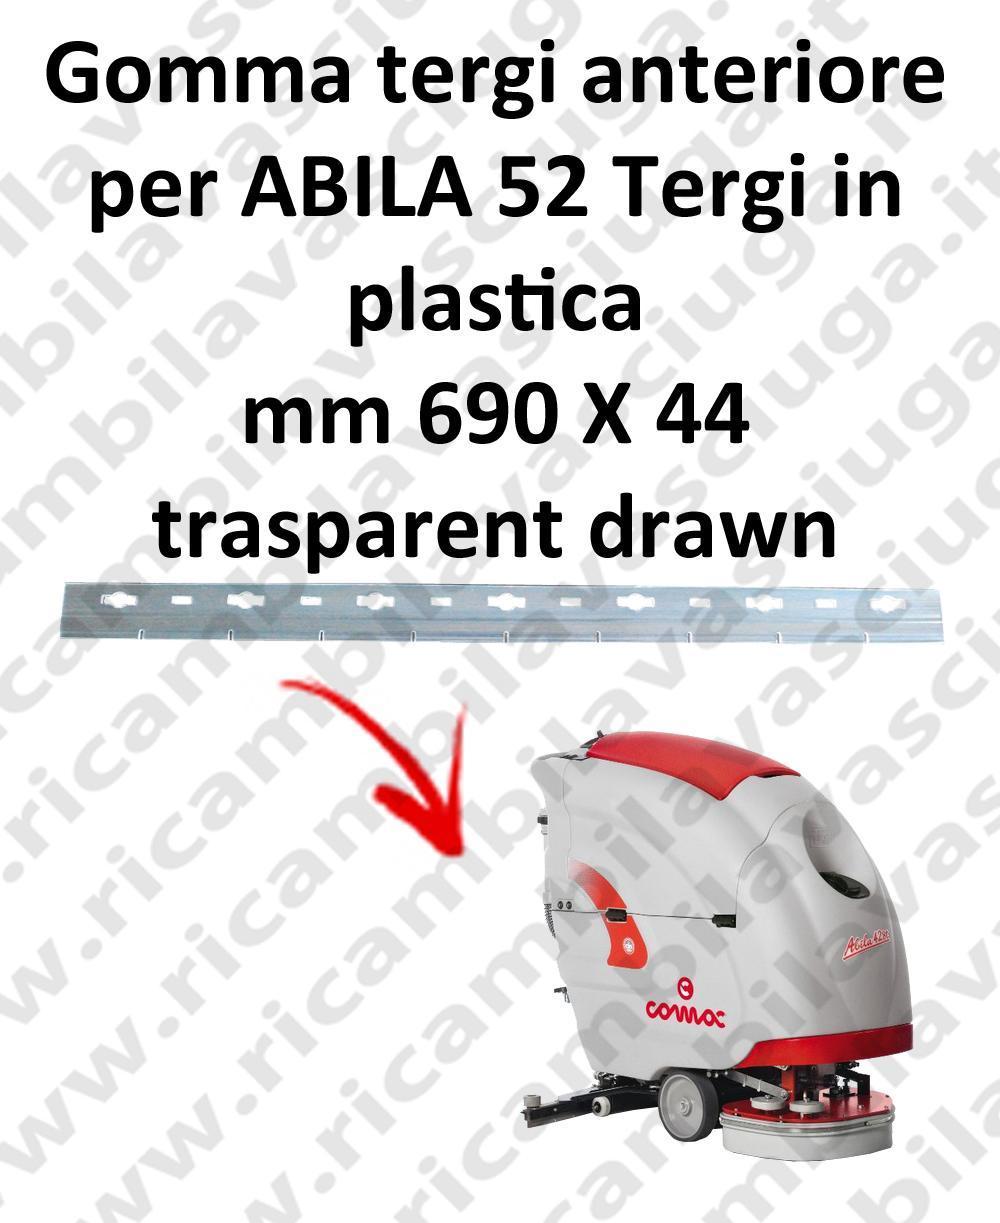 ABILA 52 goma de secado delantera para COMAC repuestos fregadoras squeegee